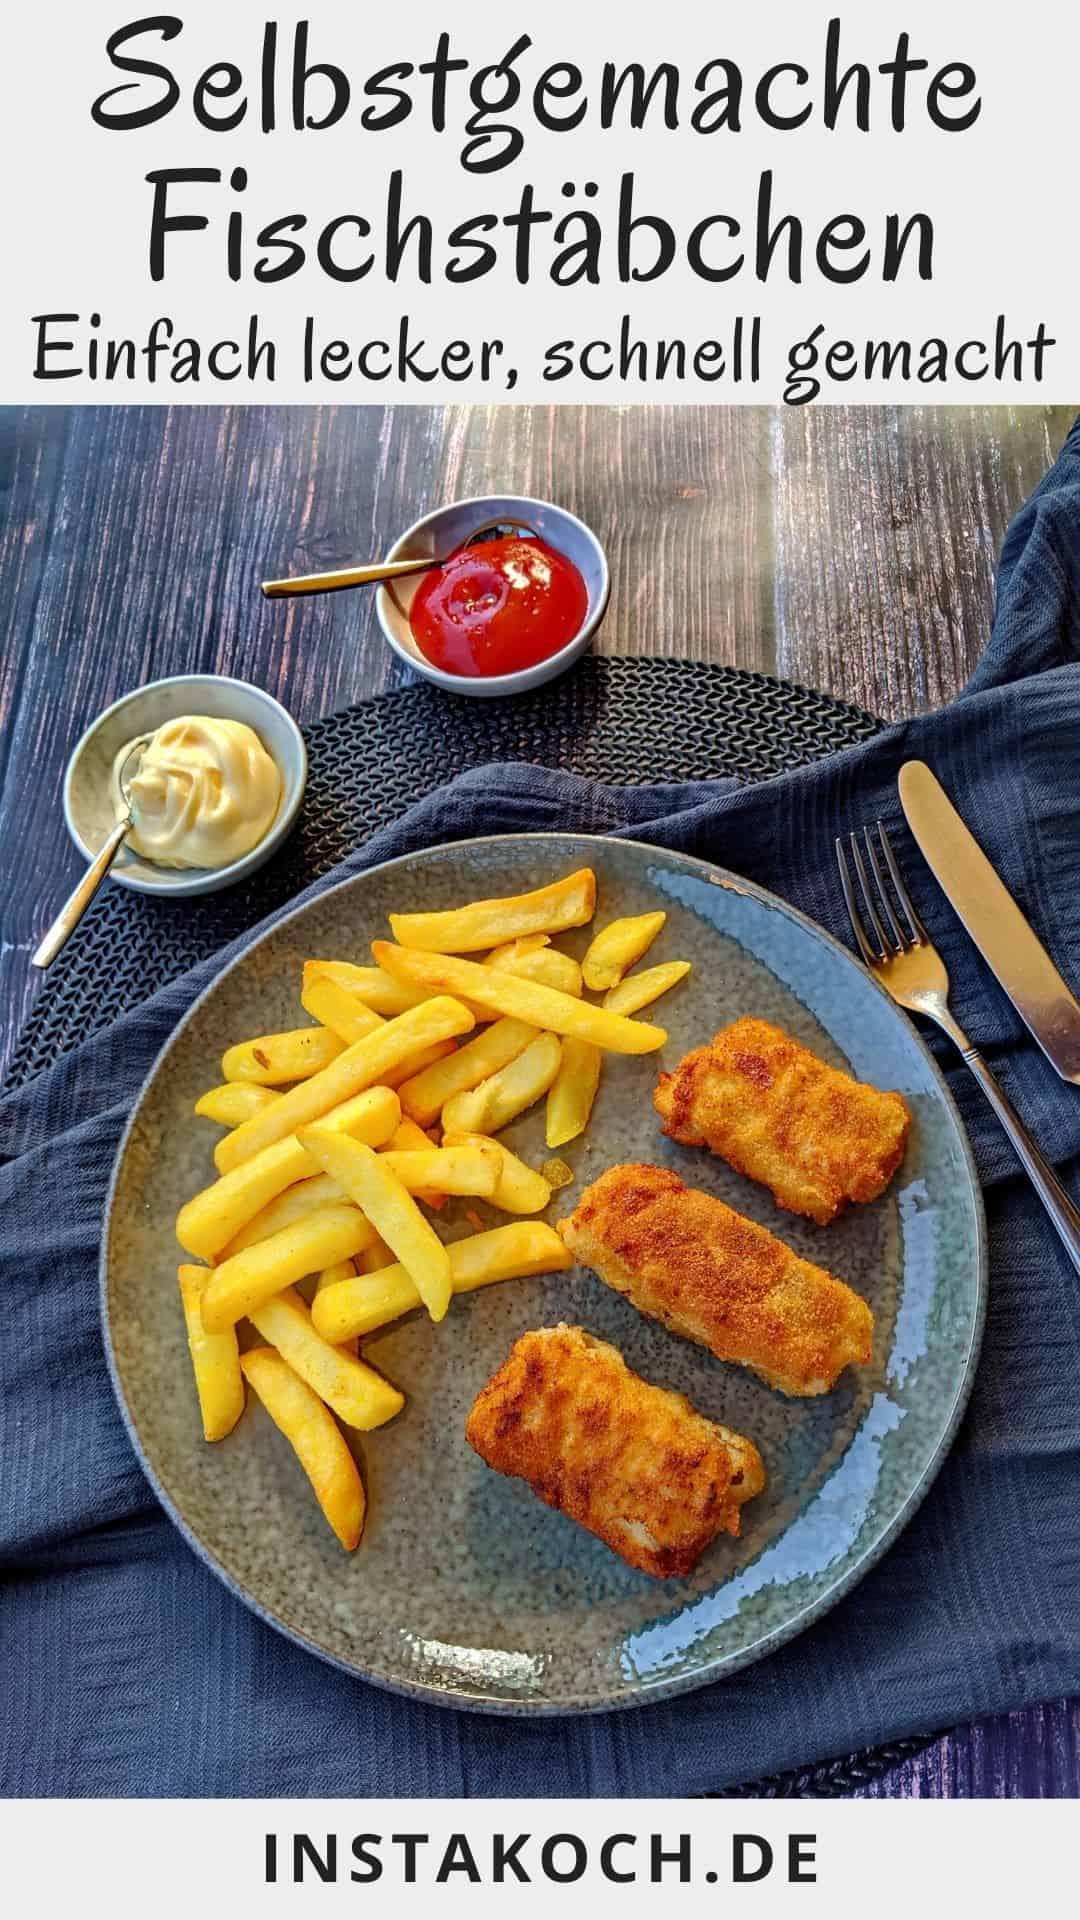 Ein grauer Teller mit selbstgemachten Fischstäbchen und Pommes. Darüber ein Schälchen mit Mayonnaise und ein Schälchen mit Ketchup.